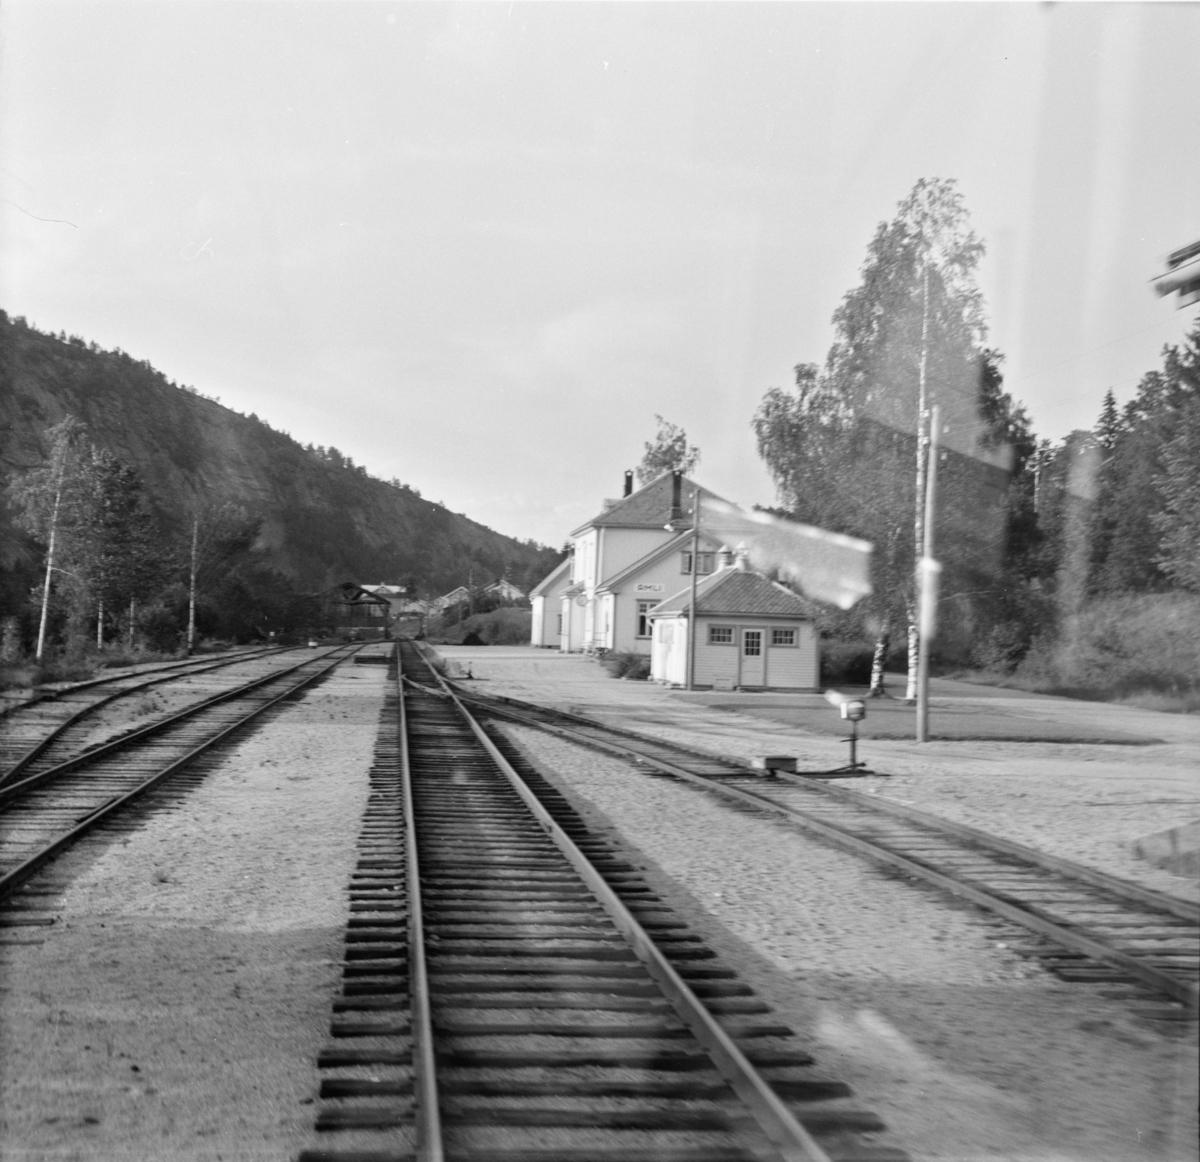 Åmli stasjon på Treungenbanen, sett fra førerrommet på motorvognen til Treungen.